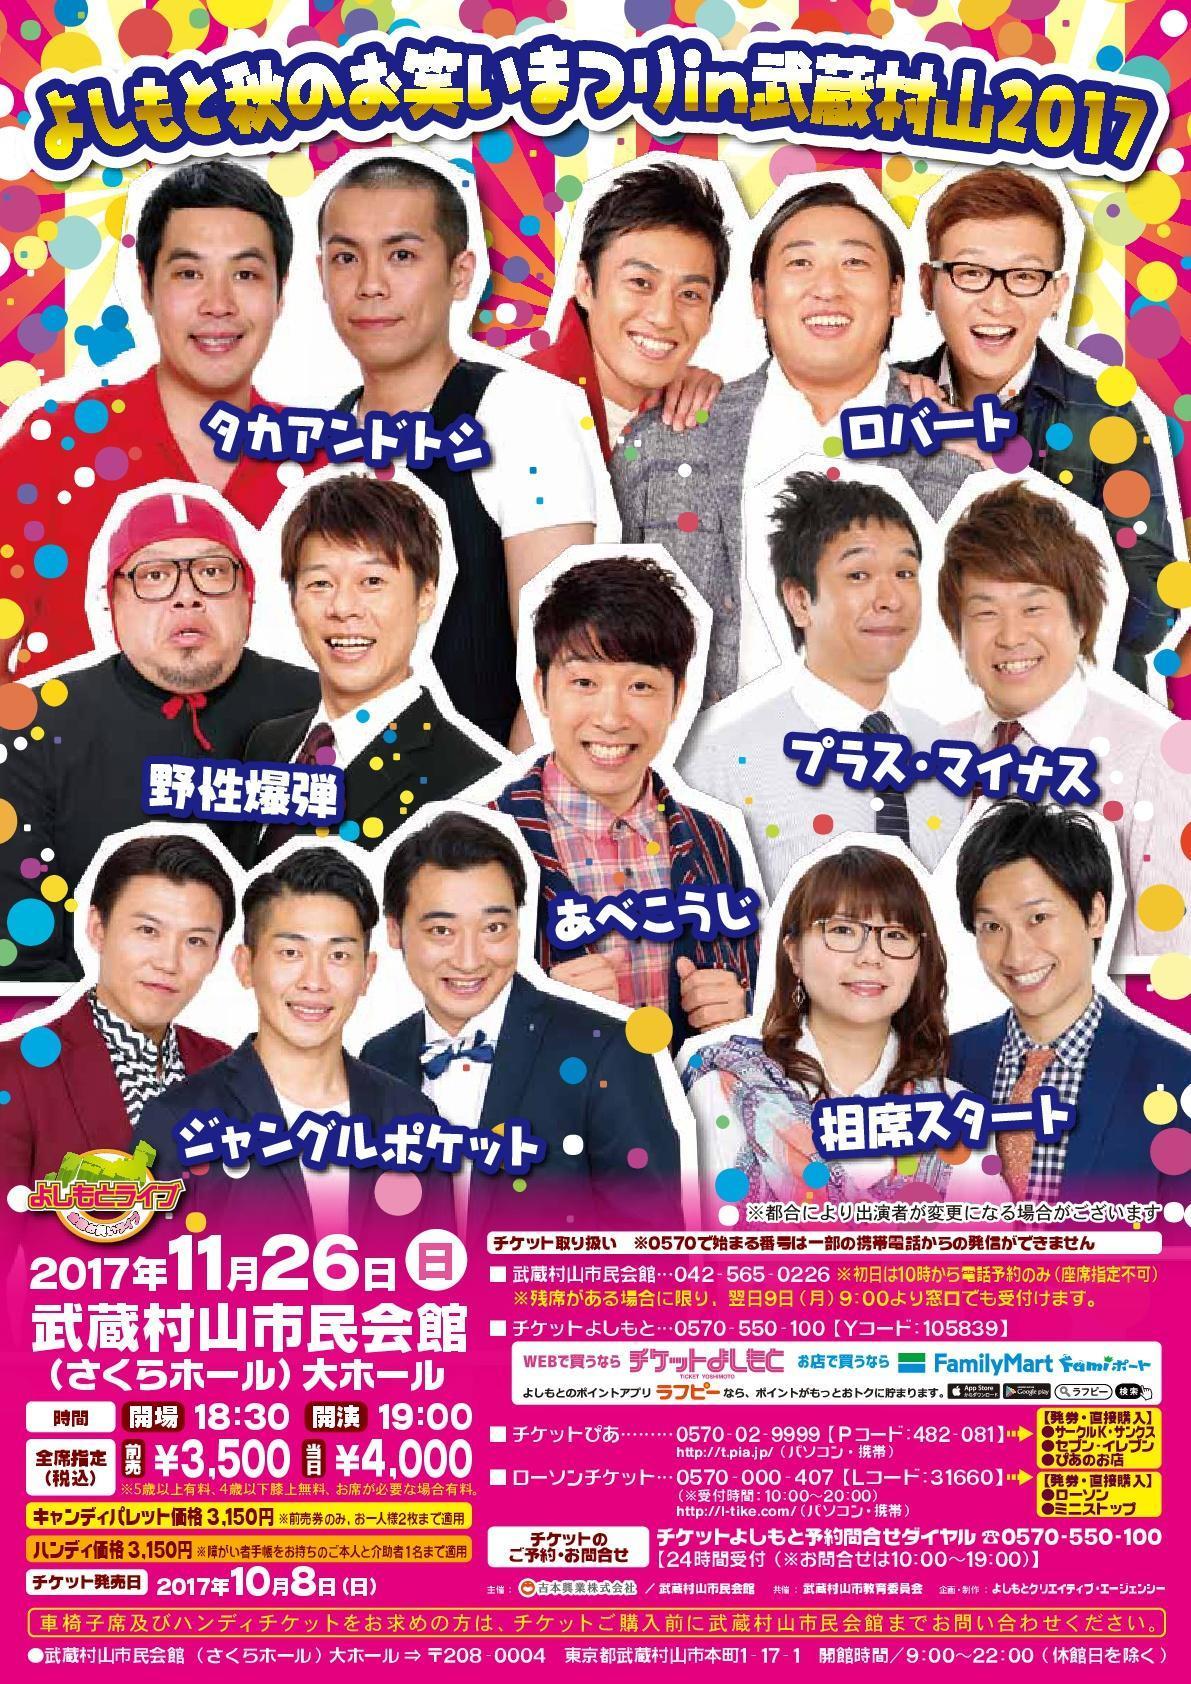 http://www.syumatsu.jp/20170920122932-cc241ac03e8aacaf7b7f9d0ec0cae1936dc977a3.jpg